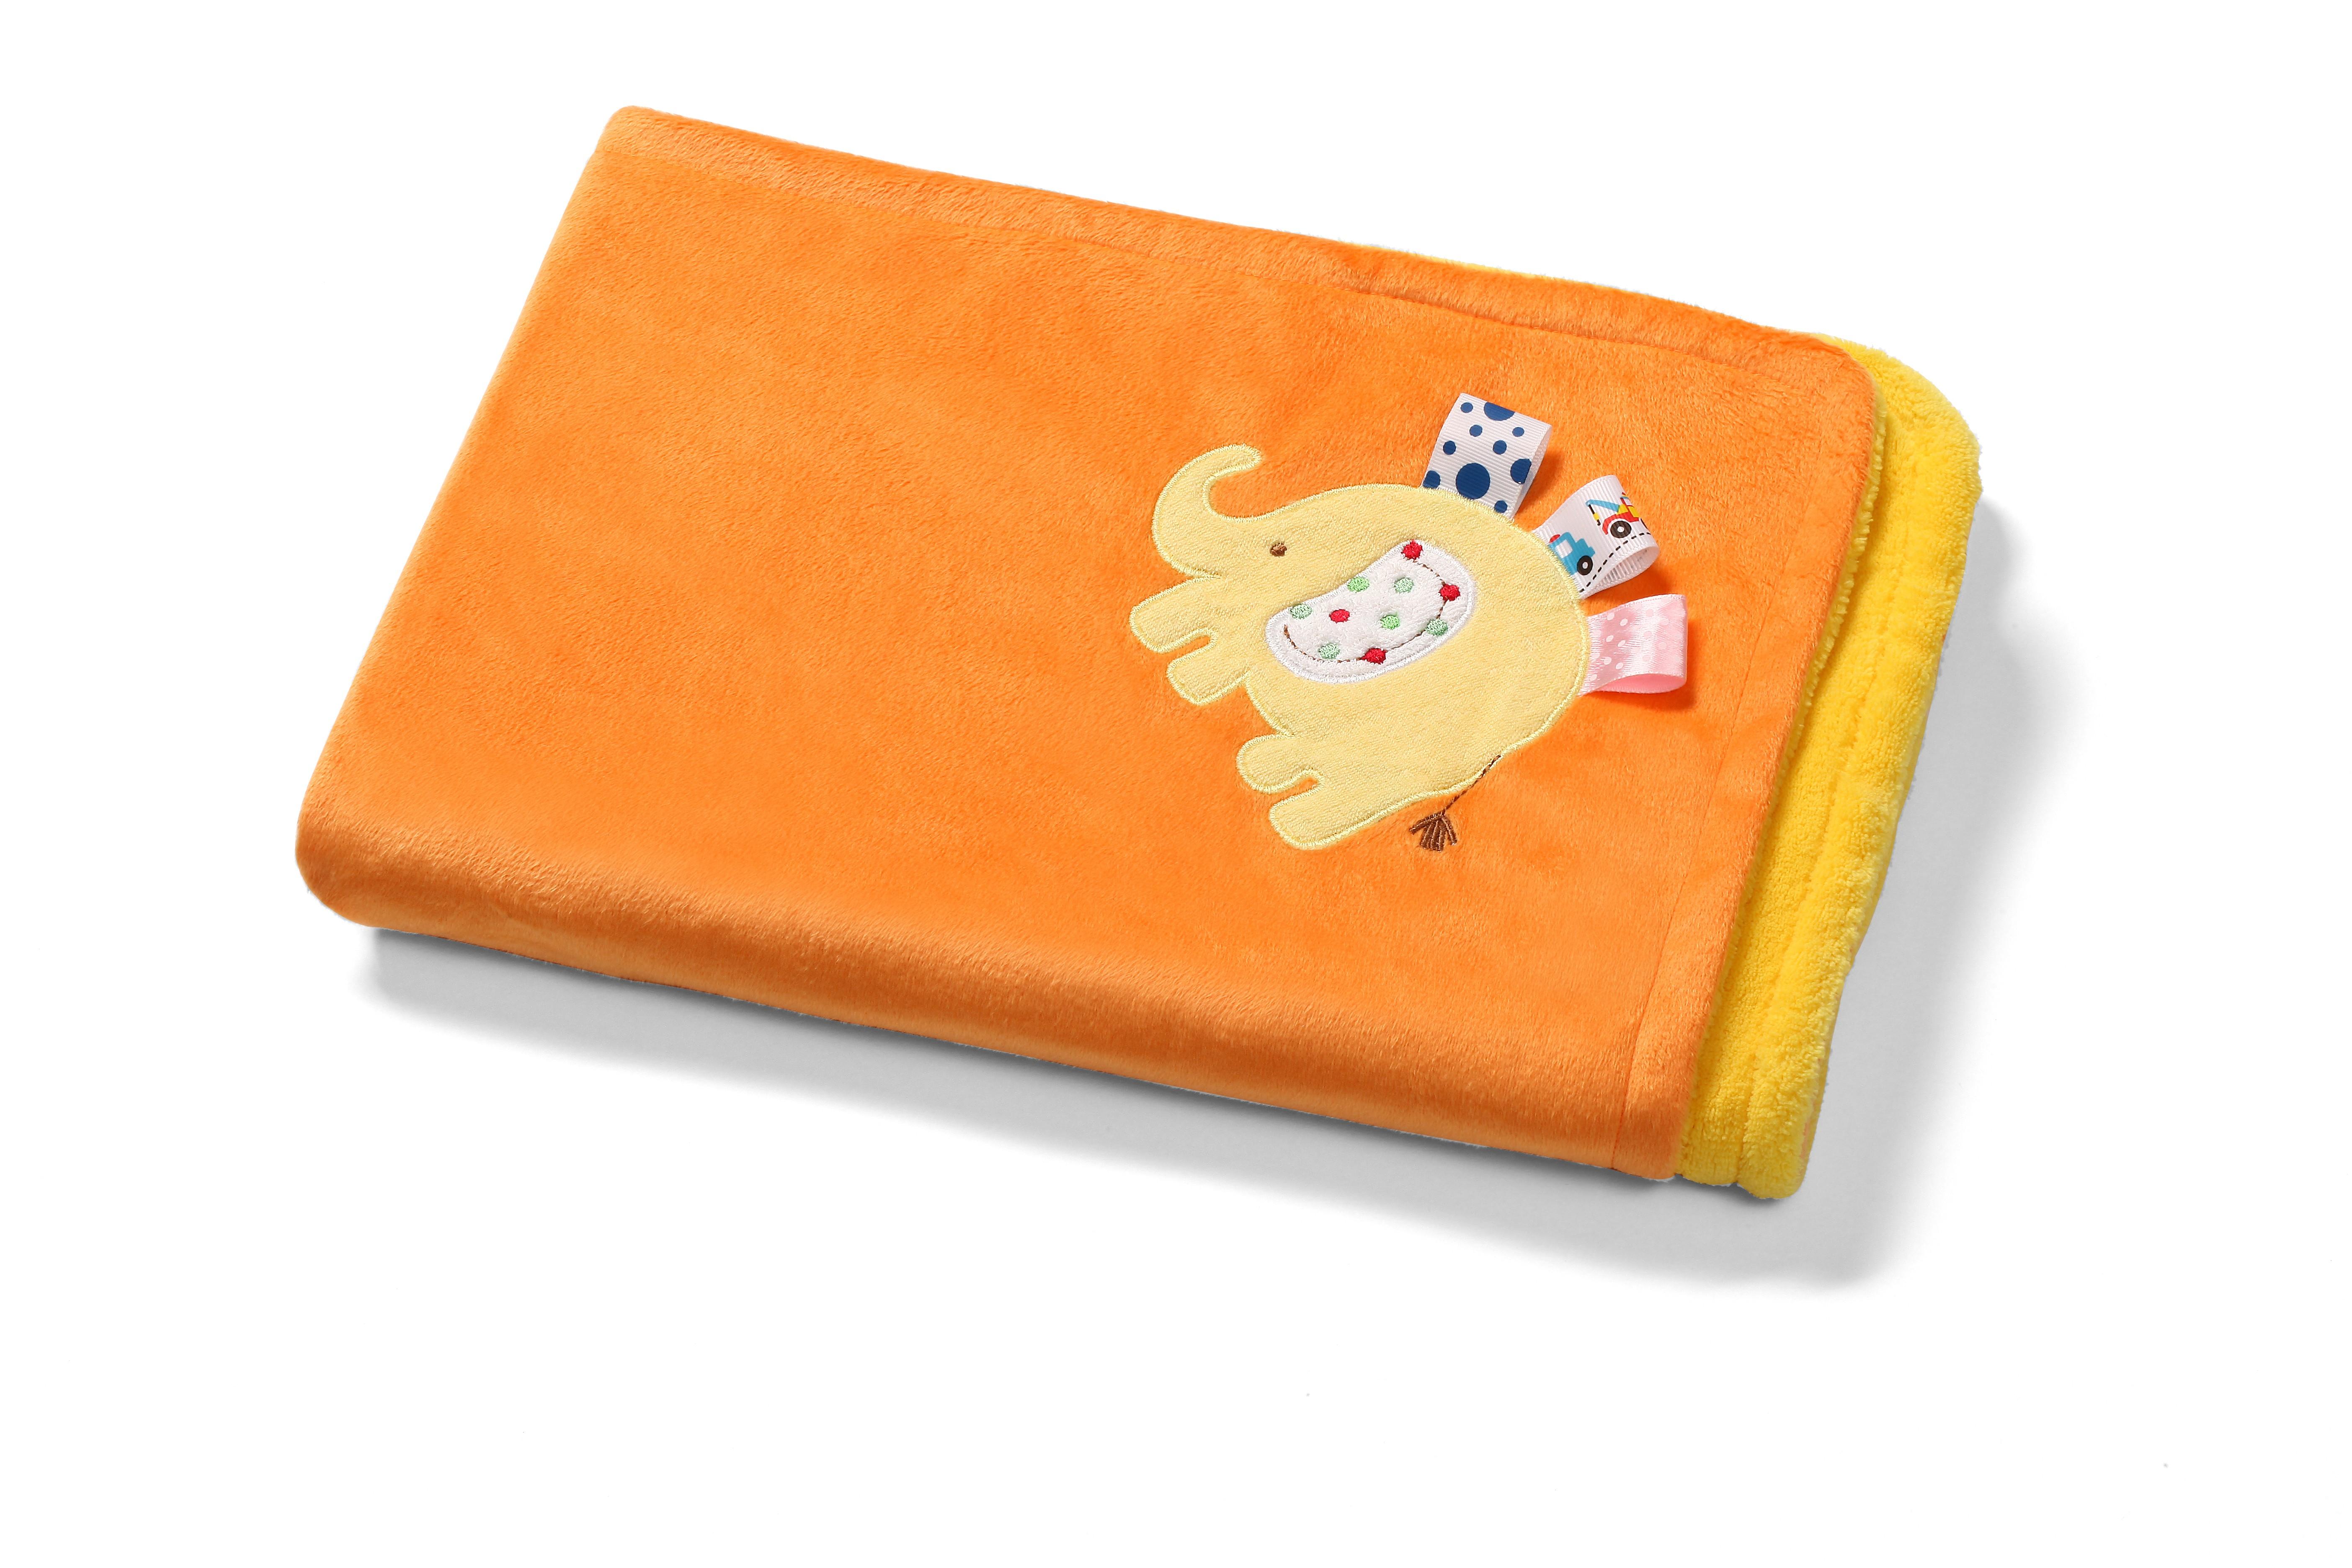 Мякое двухстороннее одеяло с 3D игрушкой оранжевая, 1401